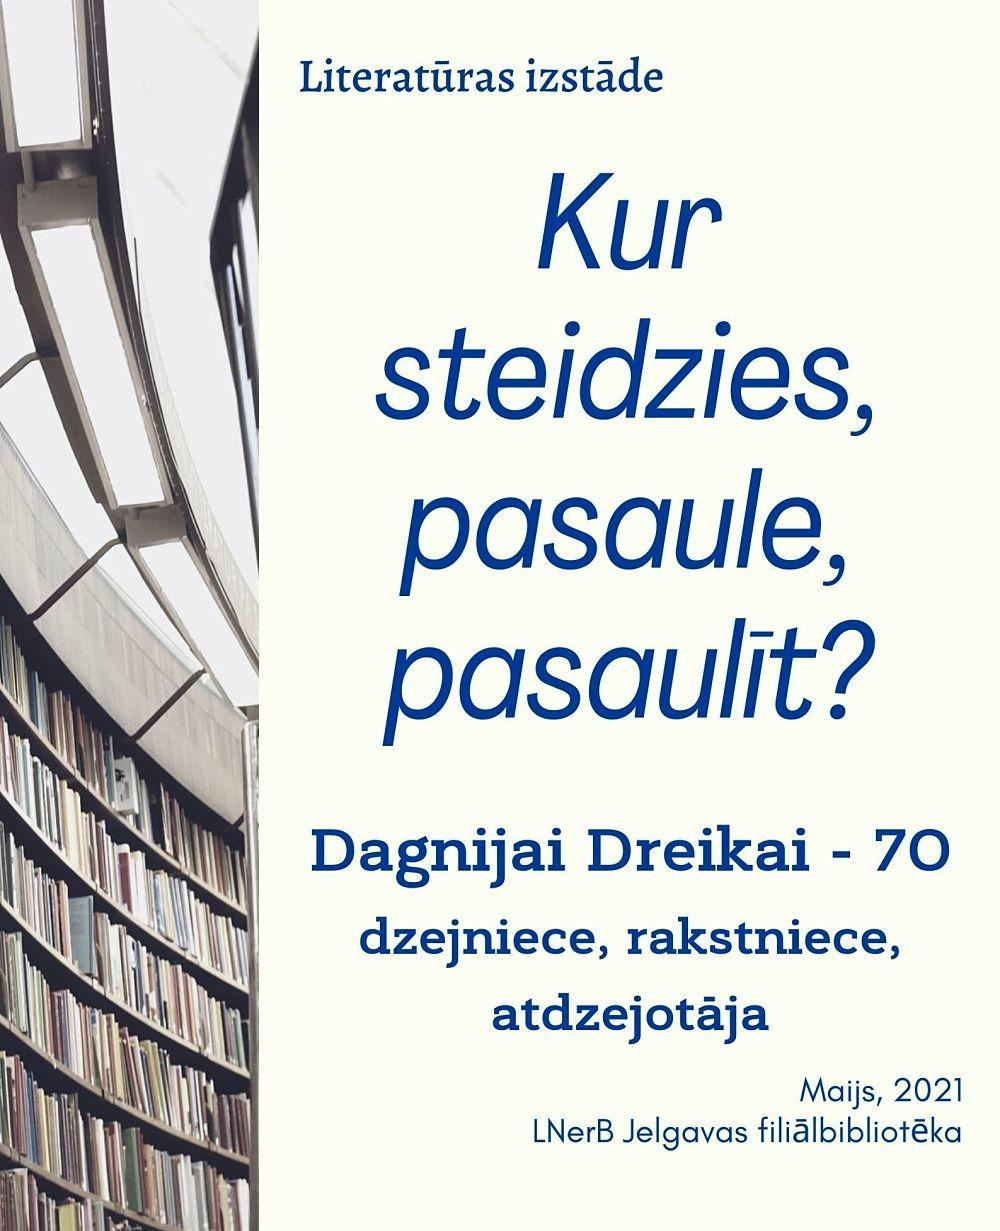 Plakāts izstādei Kur steidzies, pasaule, pasaulīt? Dzejniecei, rakstniecei, atdzejotājai Dagnijai Dreikai – 70